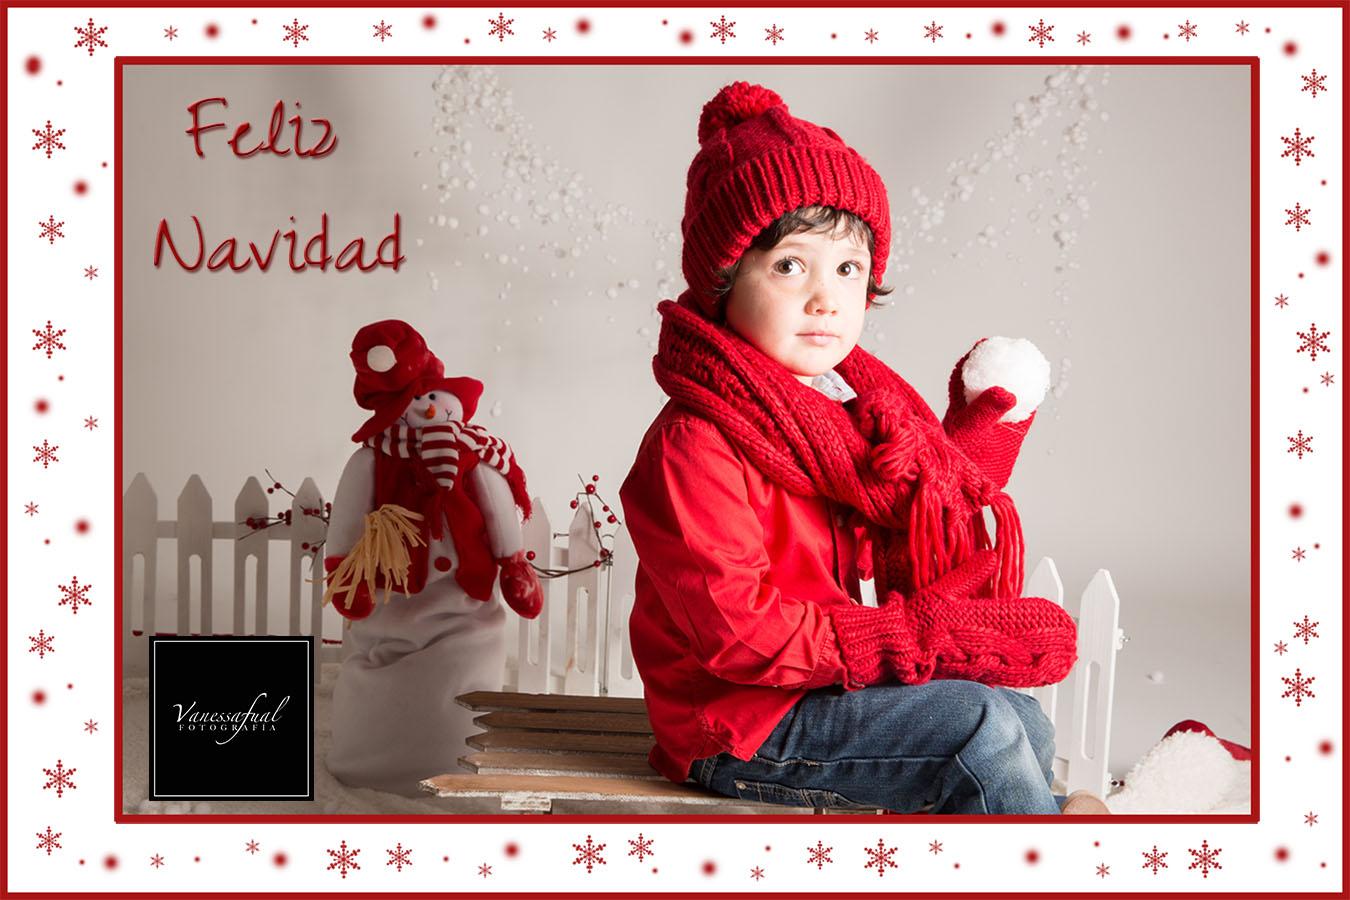 Christmas Nel 2014lw